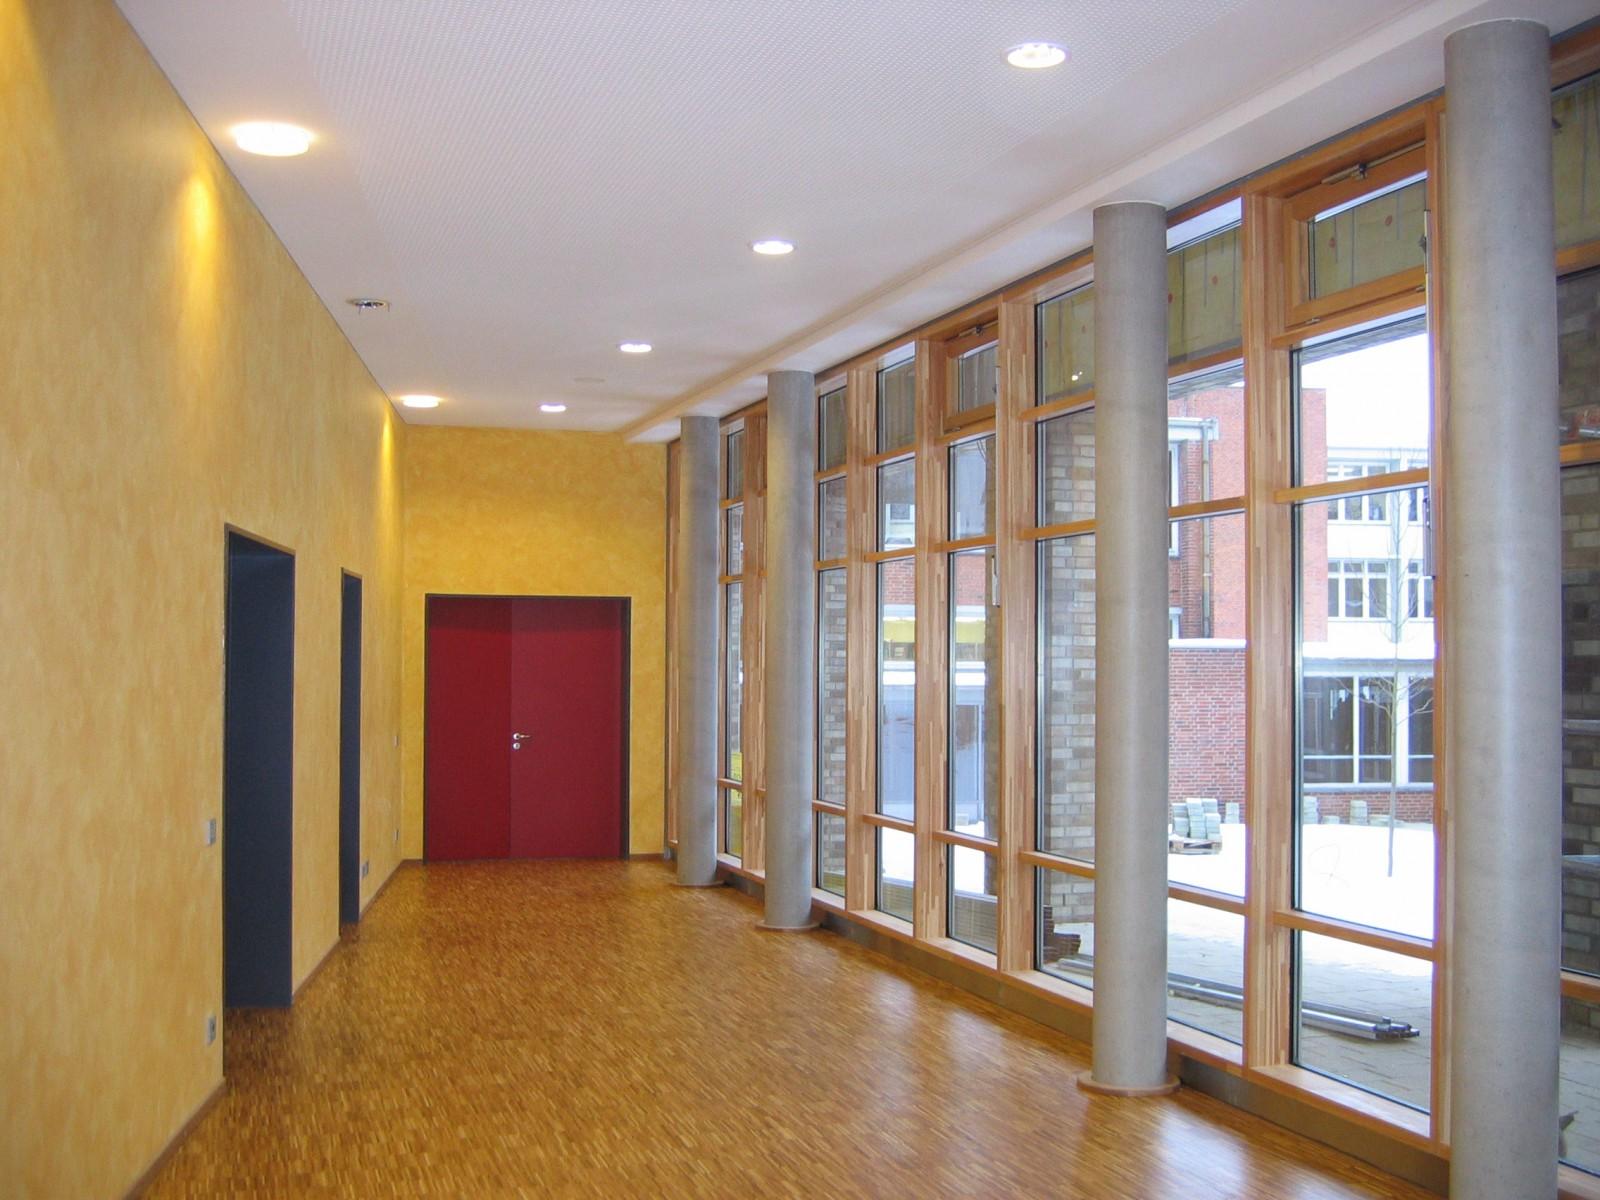 schulerweiterung-gymnasium-bondenwald-flur